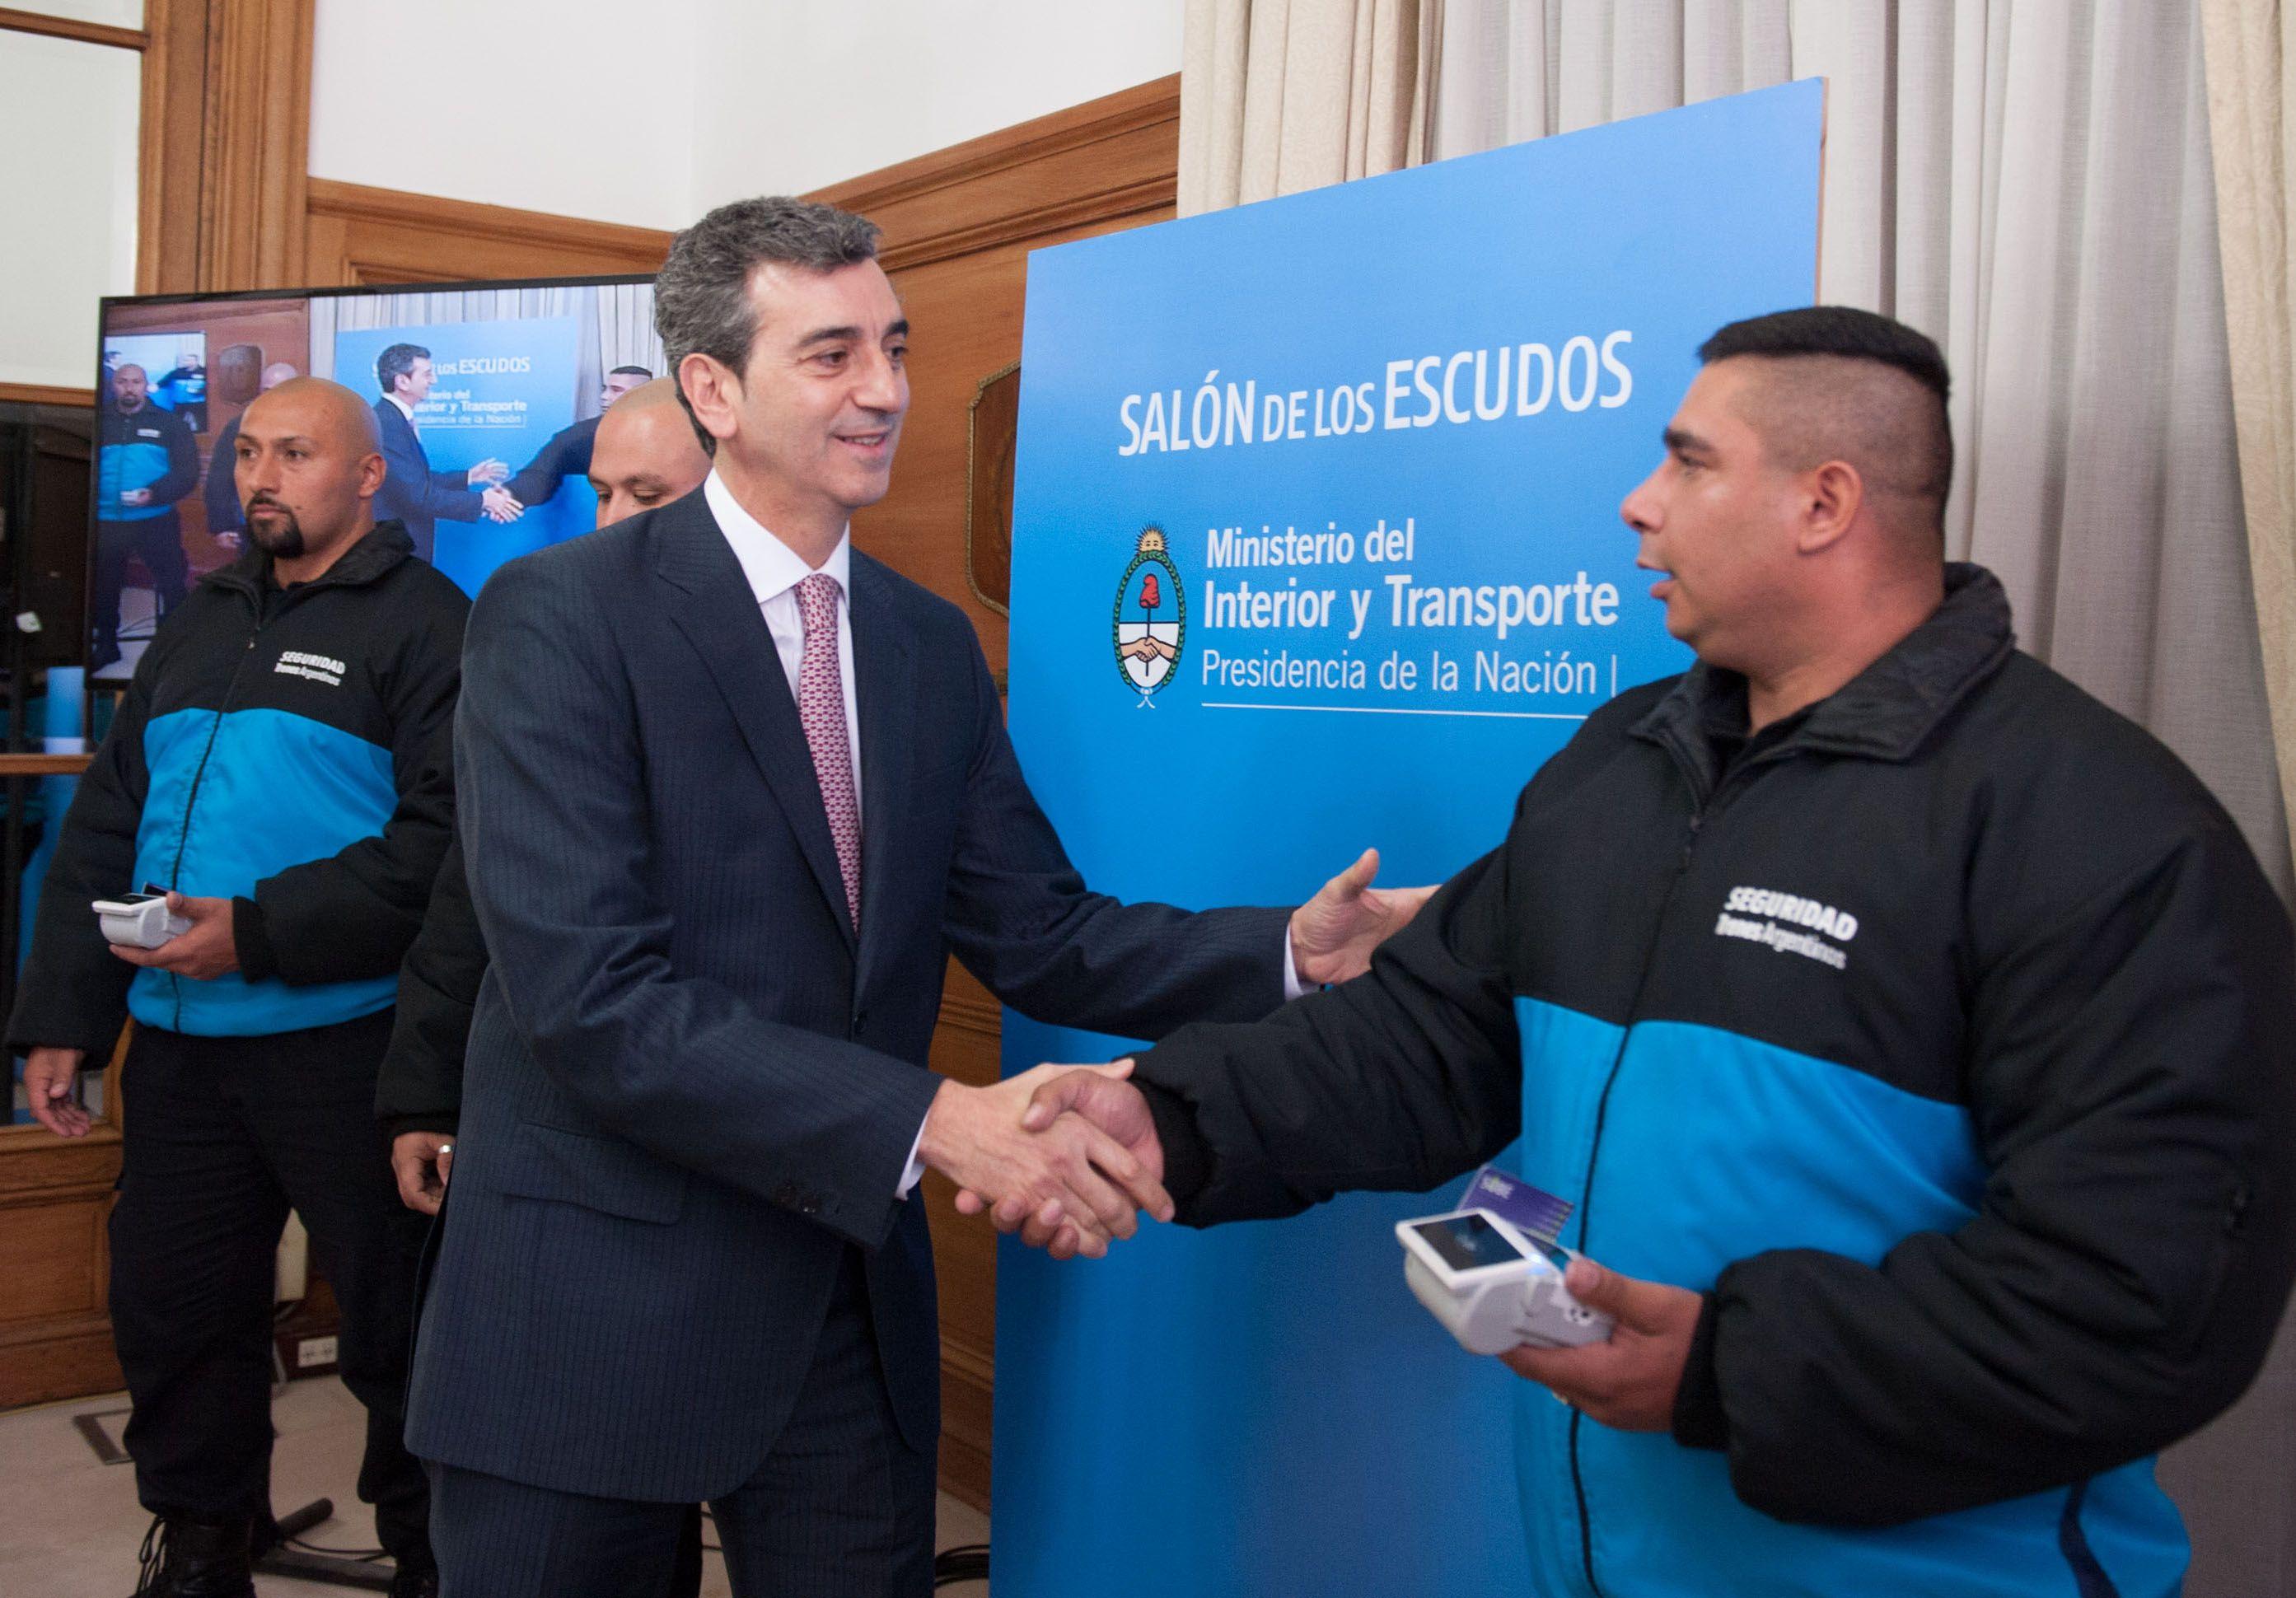 El ministro del interior y Transporte Florencio Randazzo presentó hoy las nuevas medidas de seguridad para la línea Sarmiento